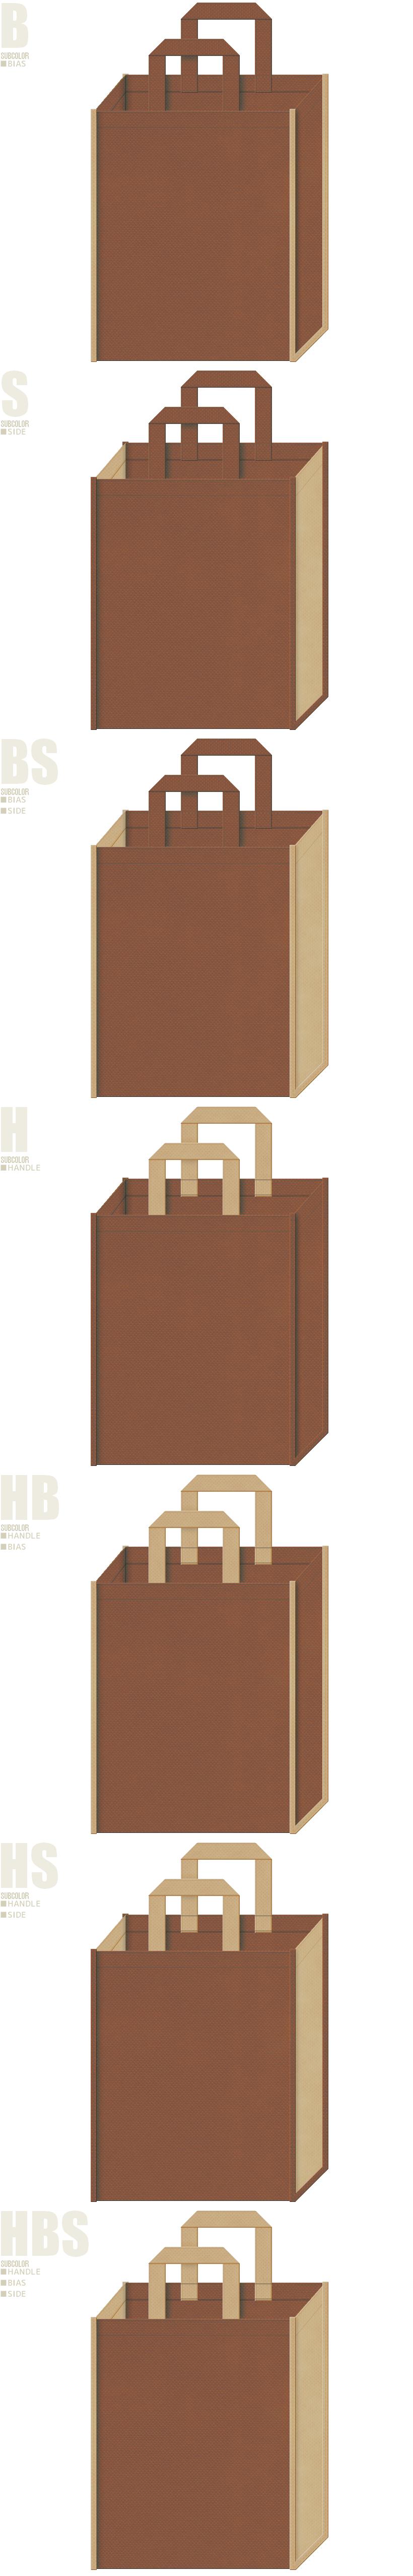 住宅展示場・ログハウス・木製インテリアの展示会用バッグ、ベーカリーショップのショッピングバッグにお奨めです。茶色とカーキ色、7パターンの不織布トートバッグ配色デザイン例。